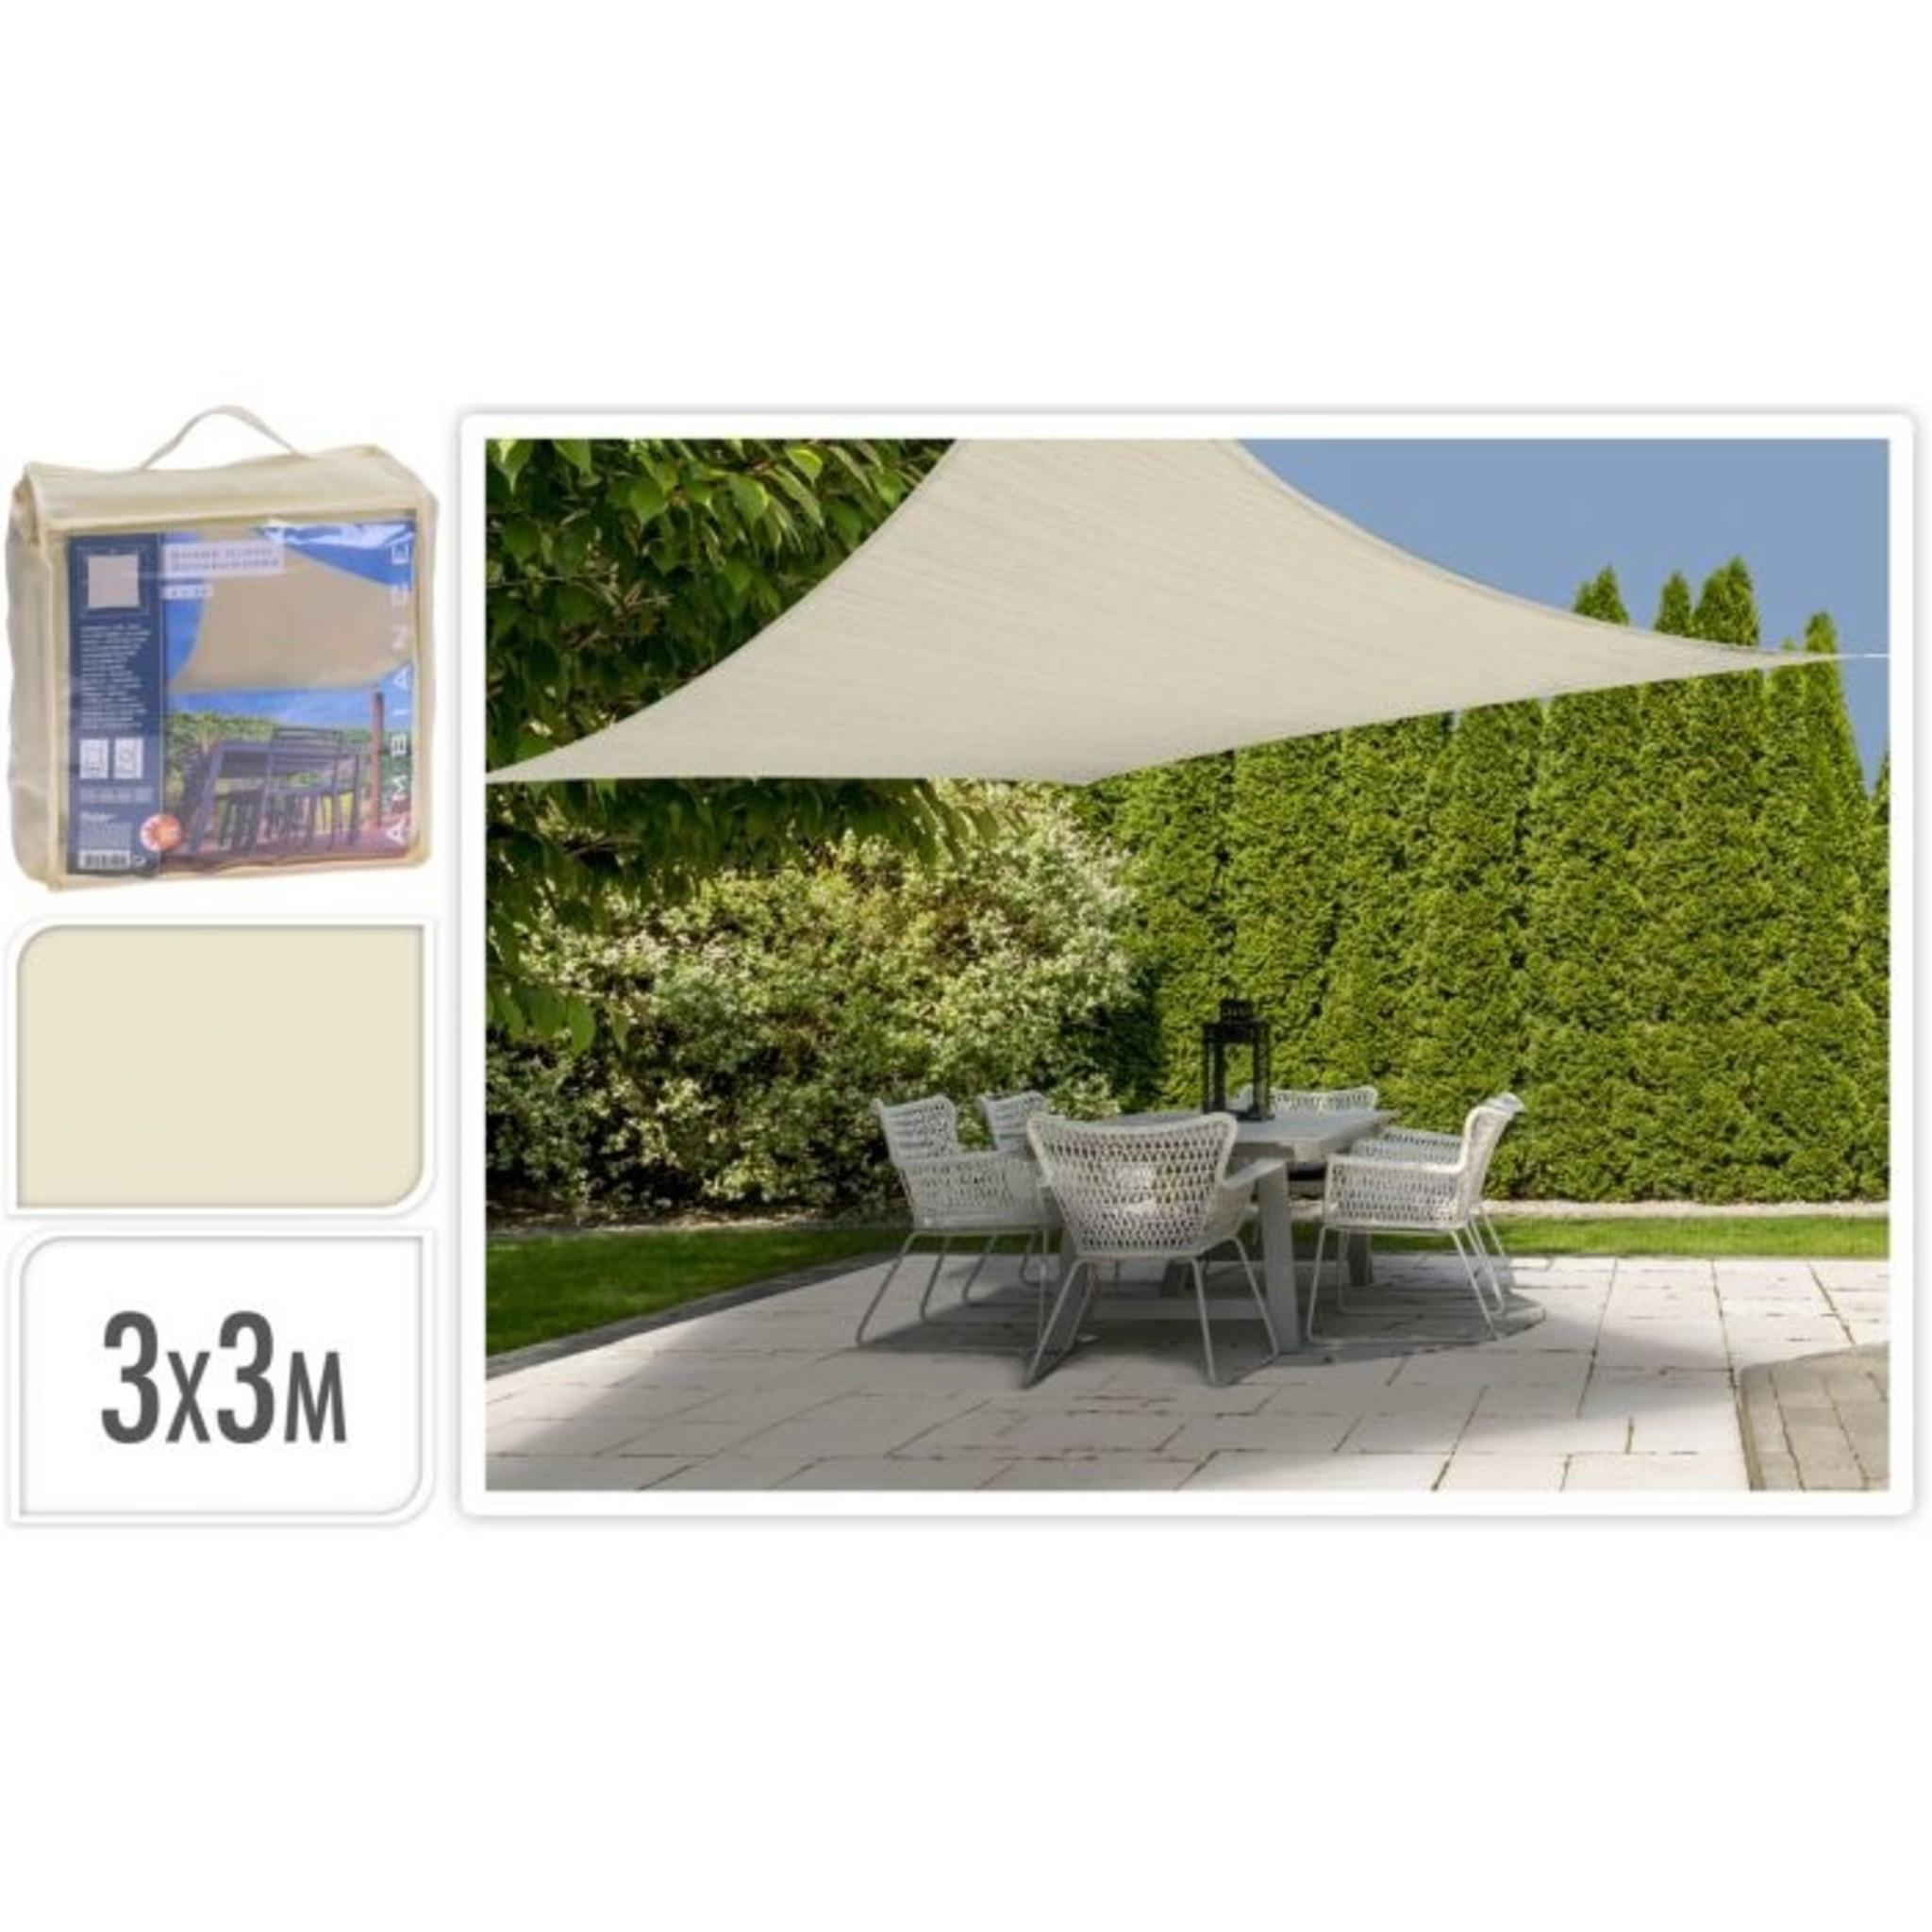 Schaduwdoek met UV bescherming UPF 50+ - 3x3 meter - Off White